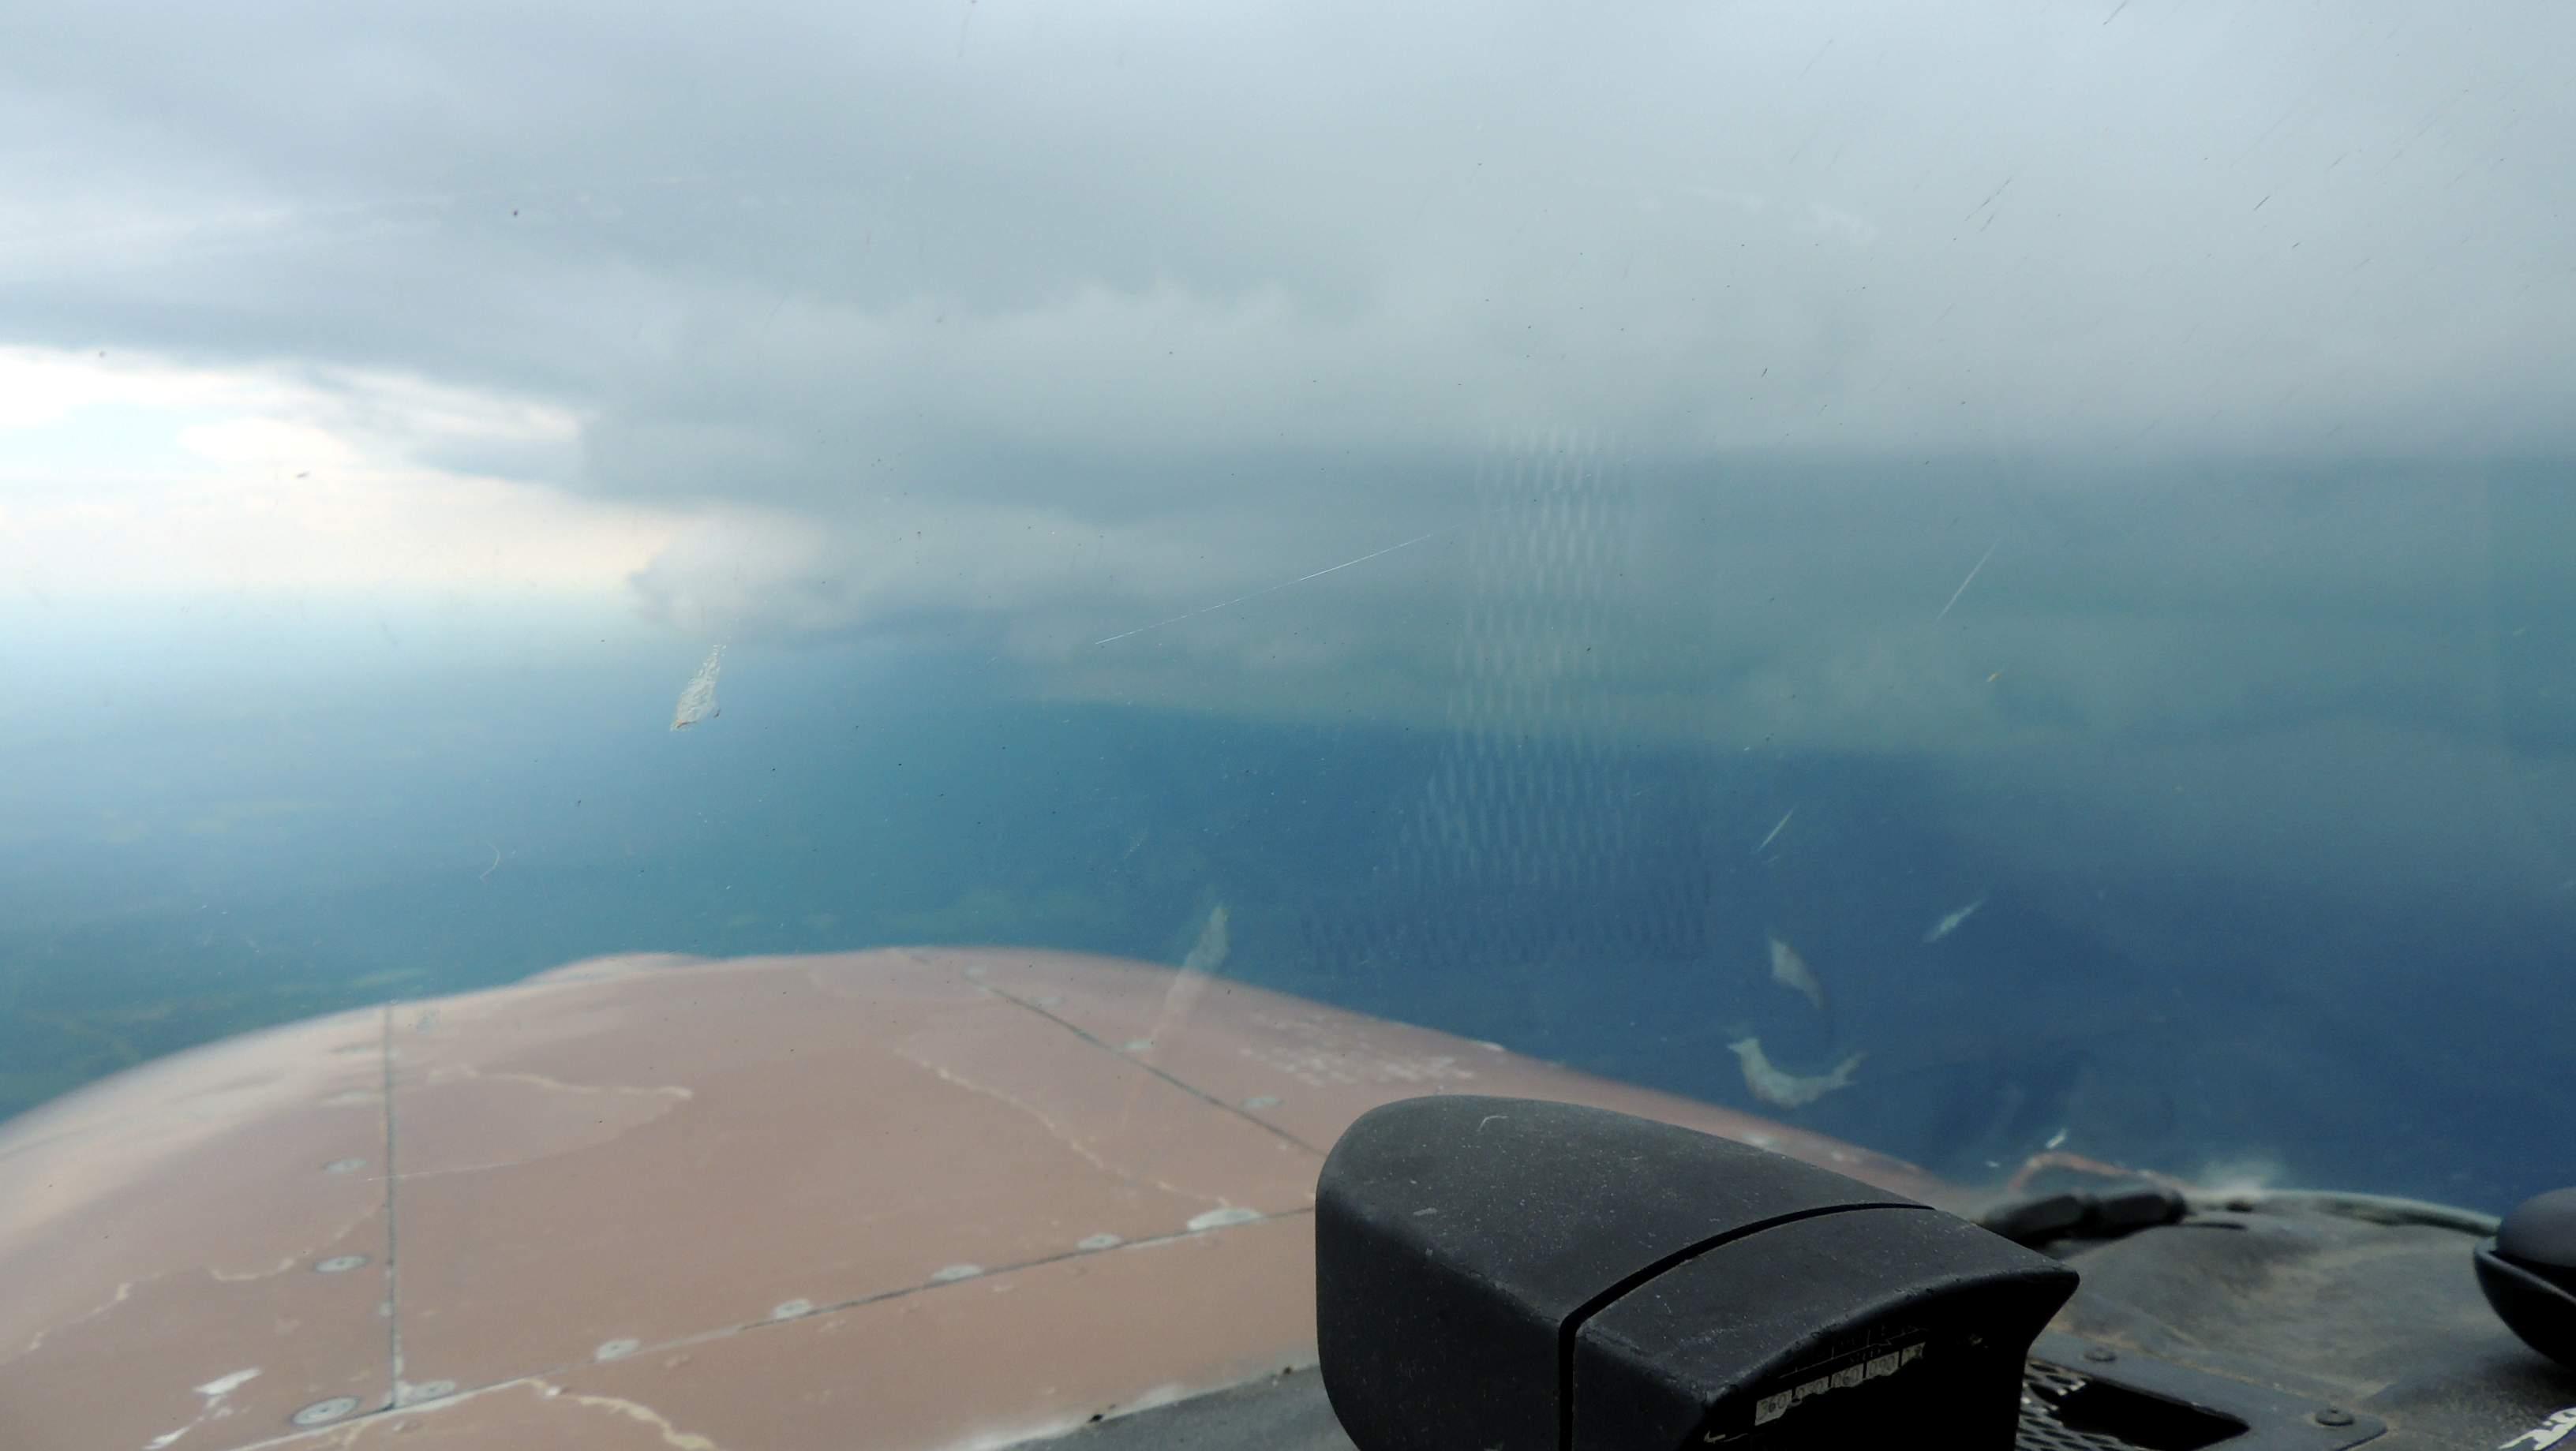 Skirting around another storm close to Lynchburg VA